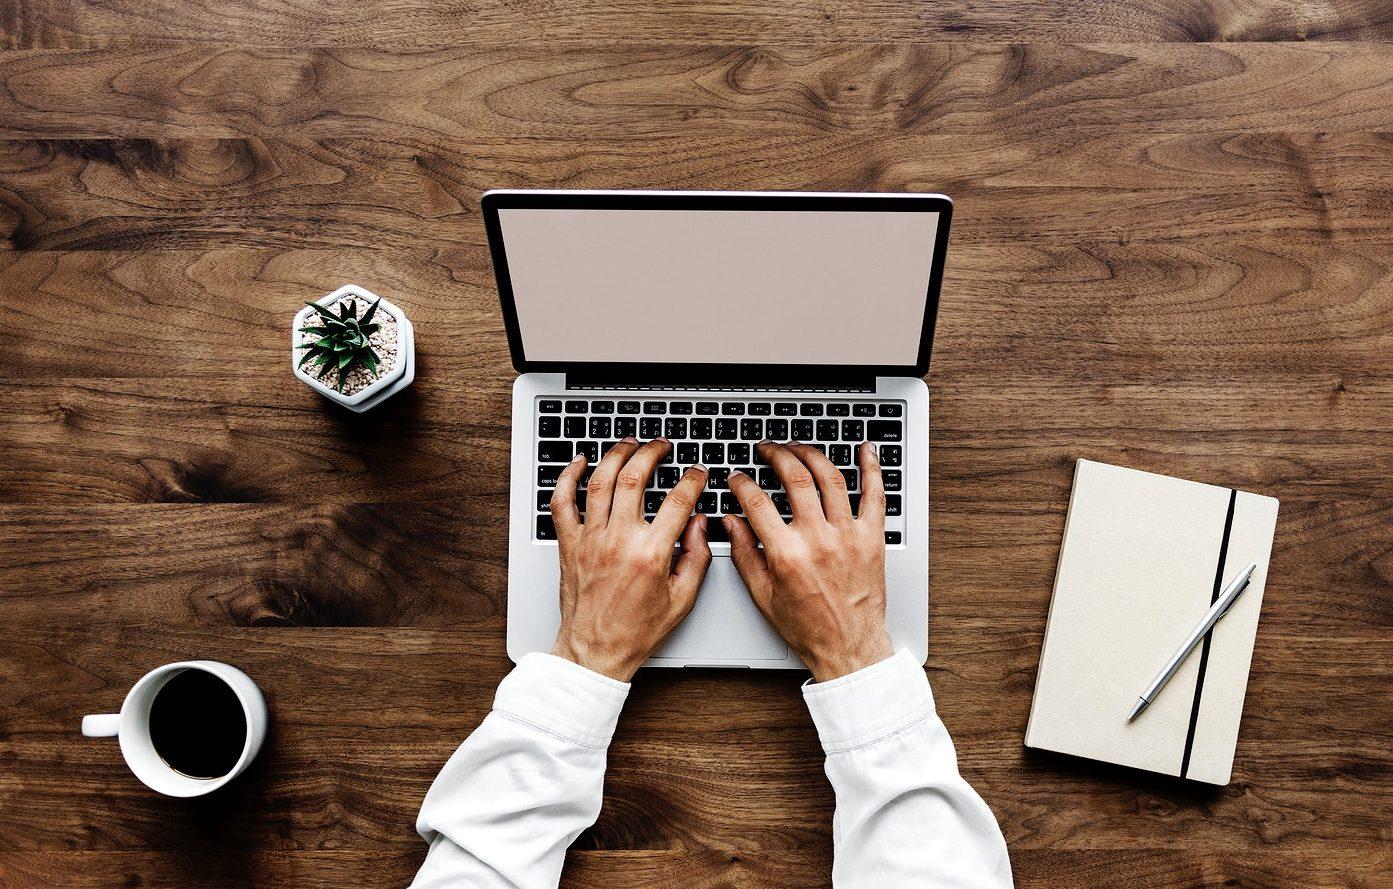 Pasos para obtener buenos resultados en un diseño web